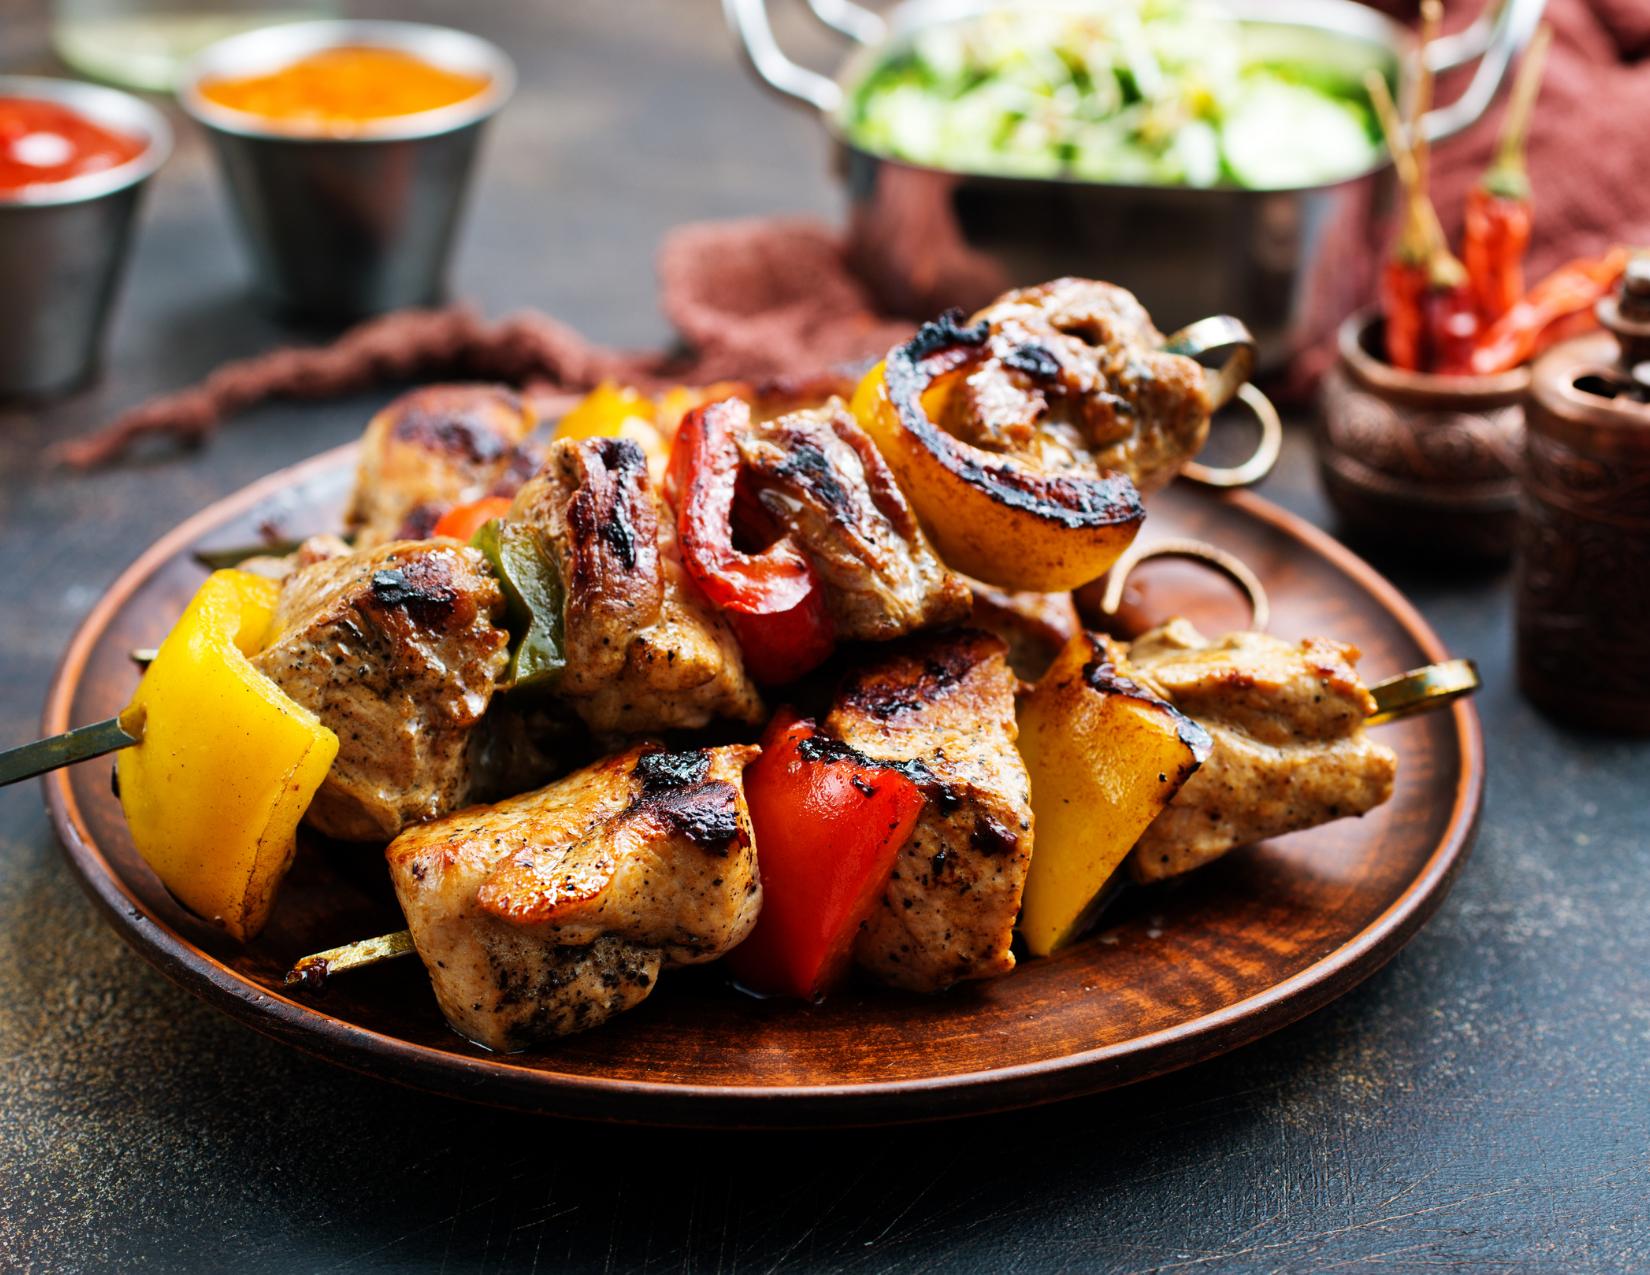 Turkish Sis Kebab with skewered cubed meat.